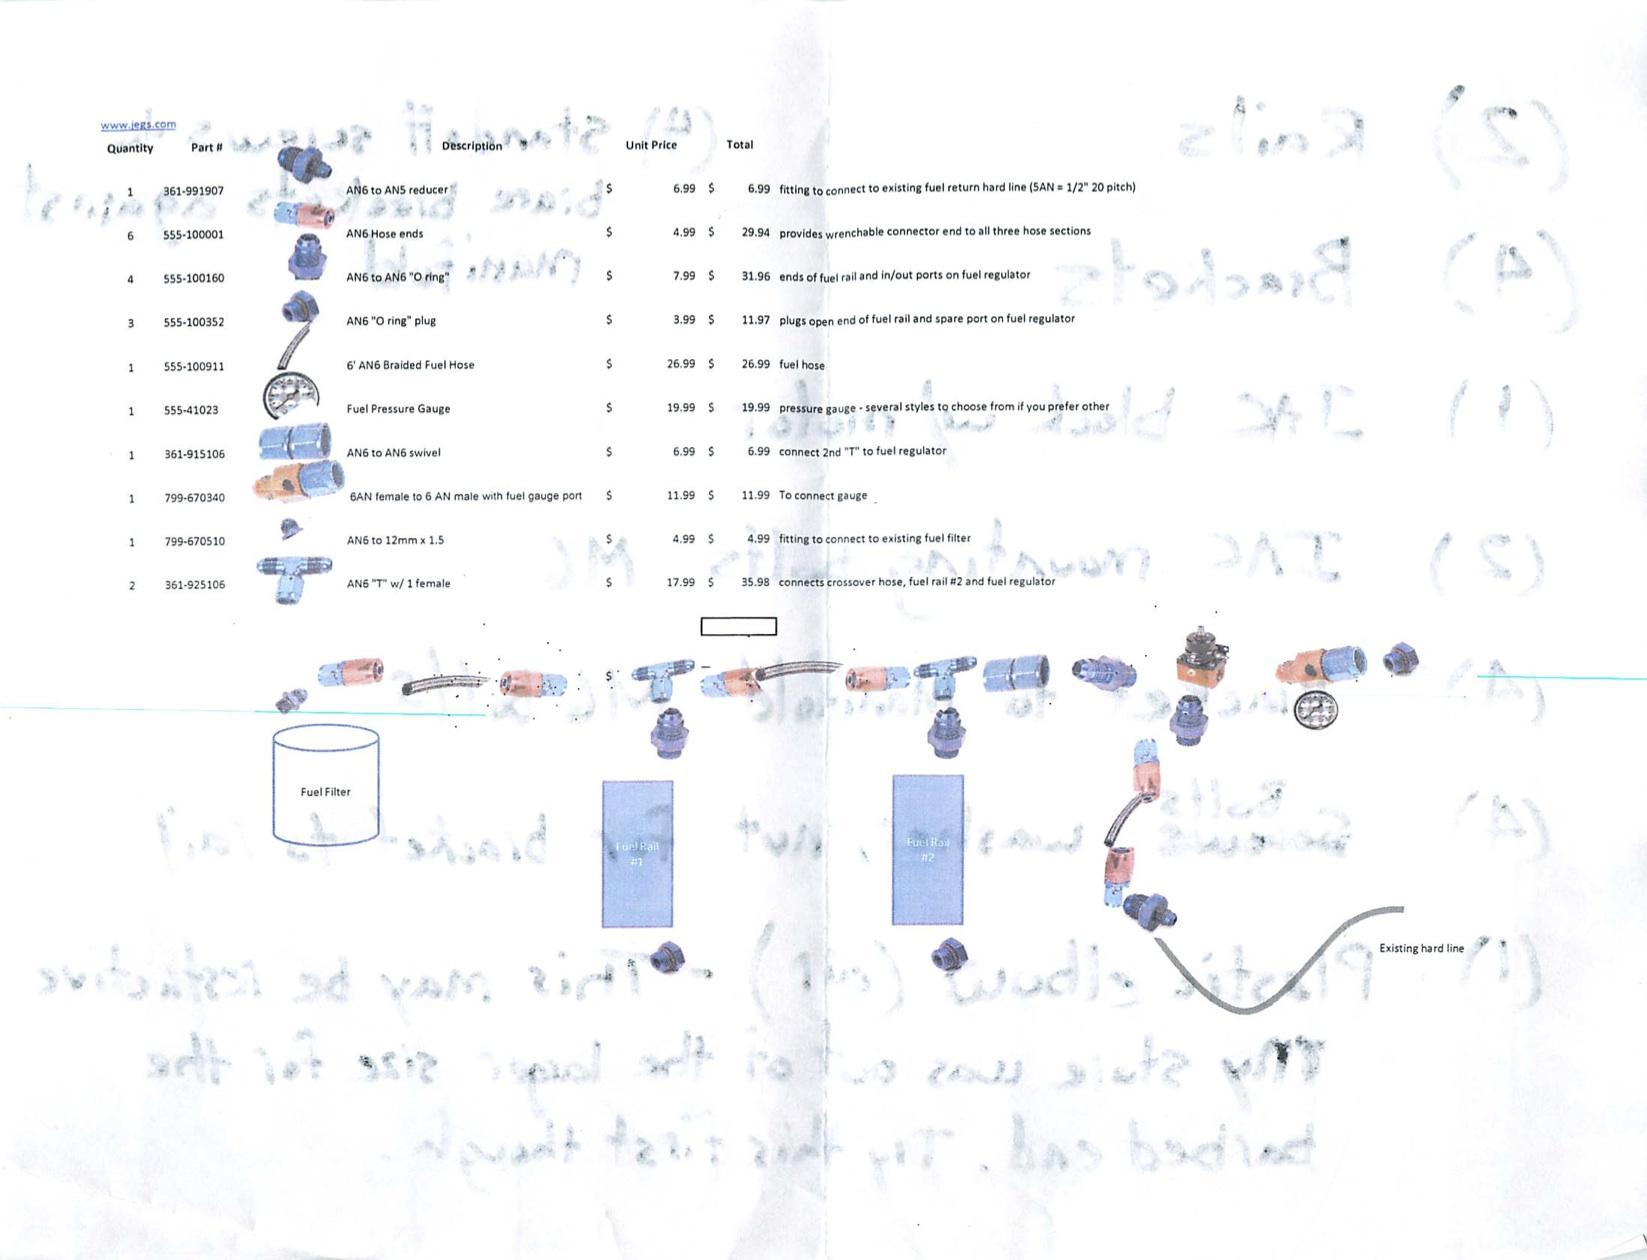 Owen's Diagram